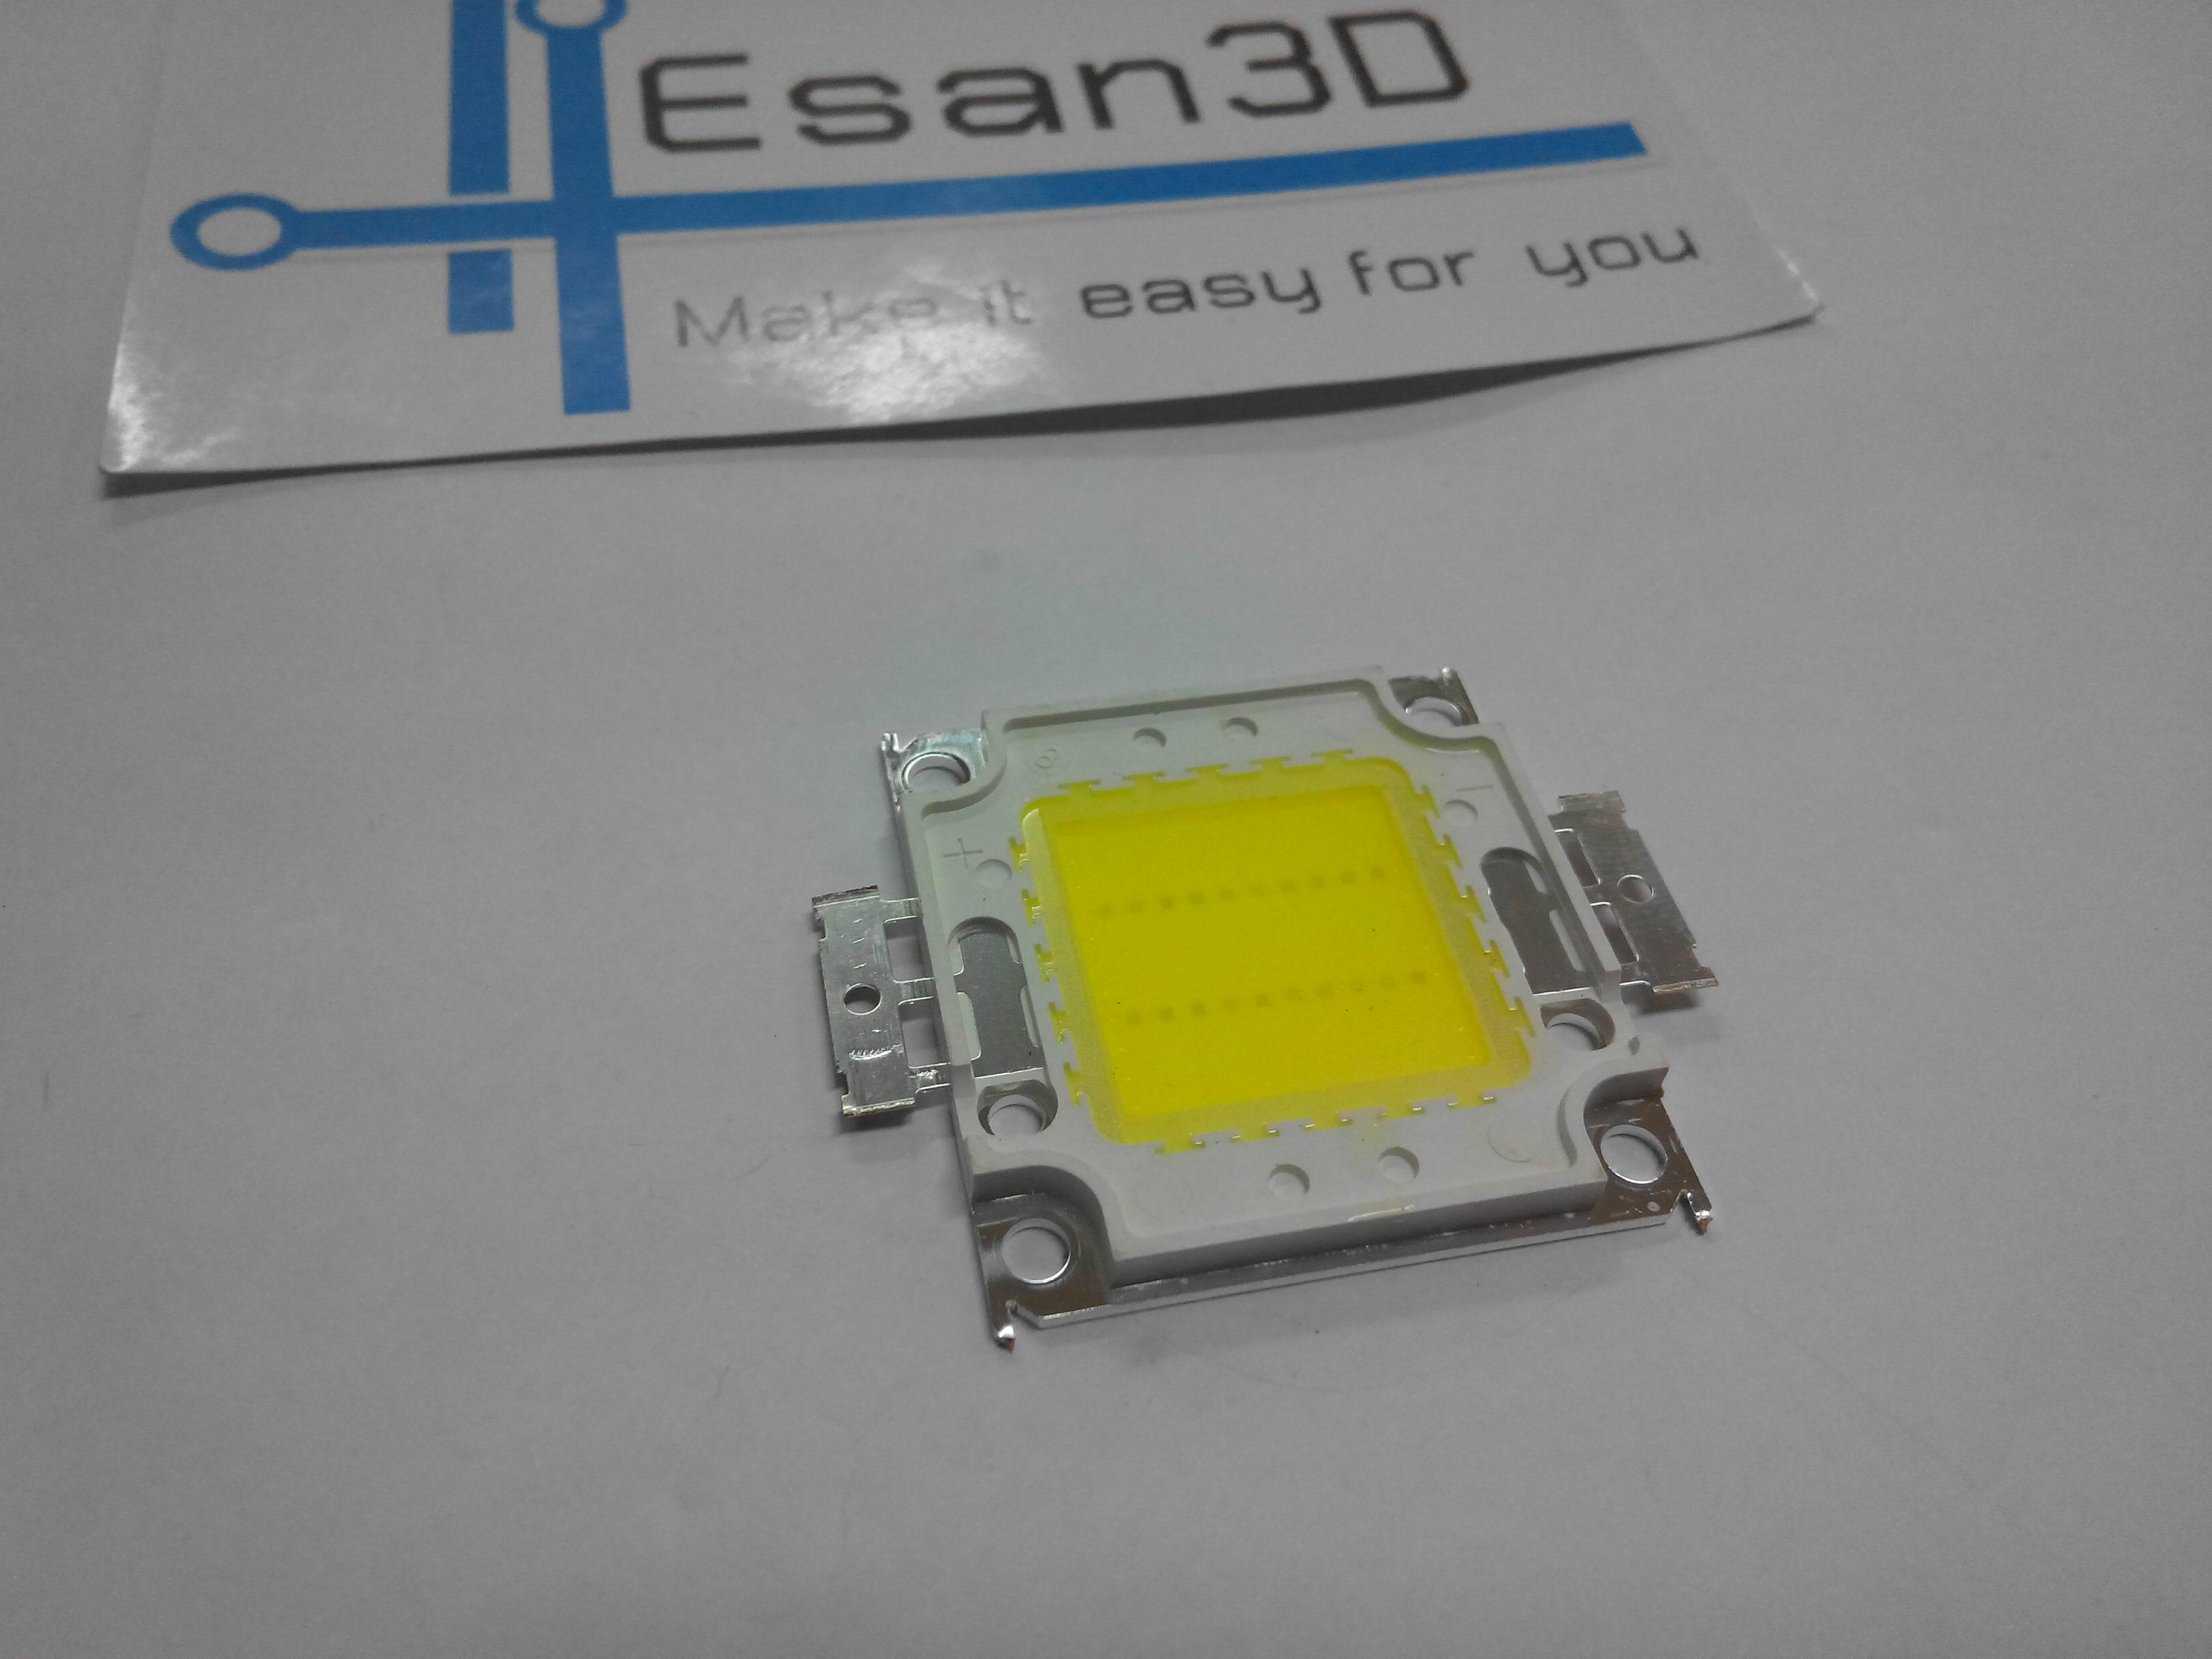 20W High power LED แสงขาว แรงดัน 32-34V อัตราความสว่าง 1600-1800LM